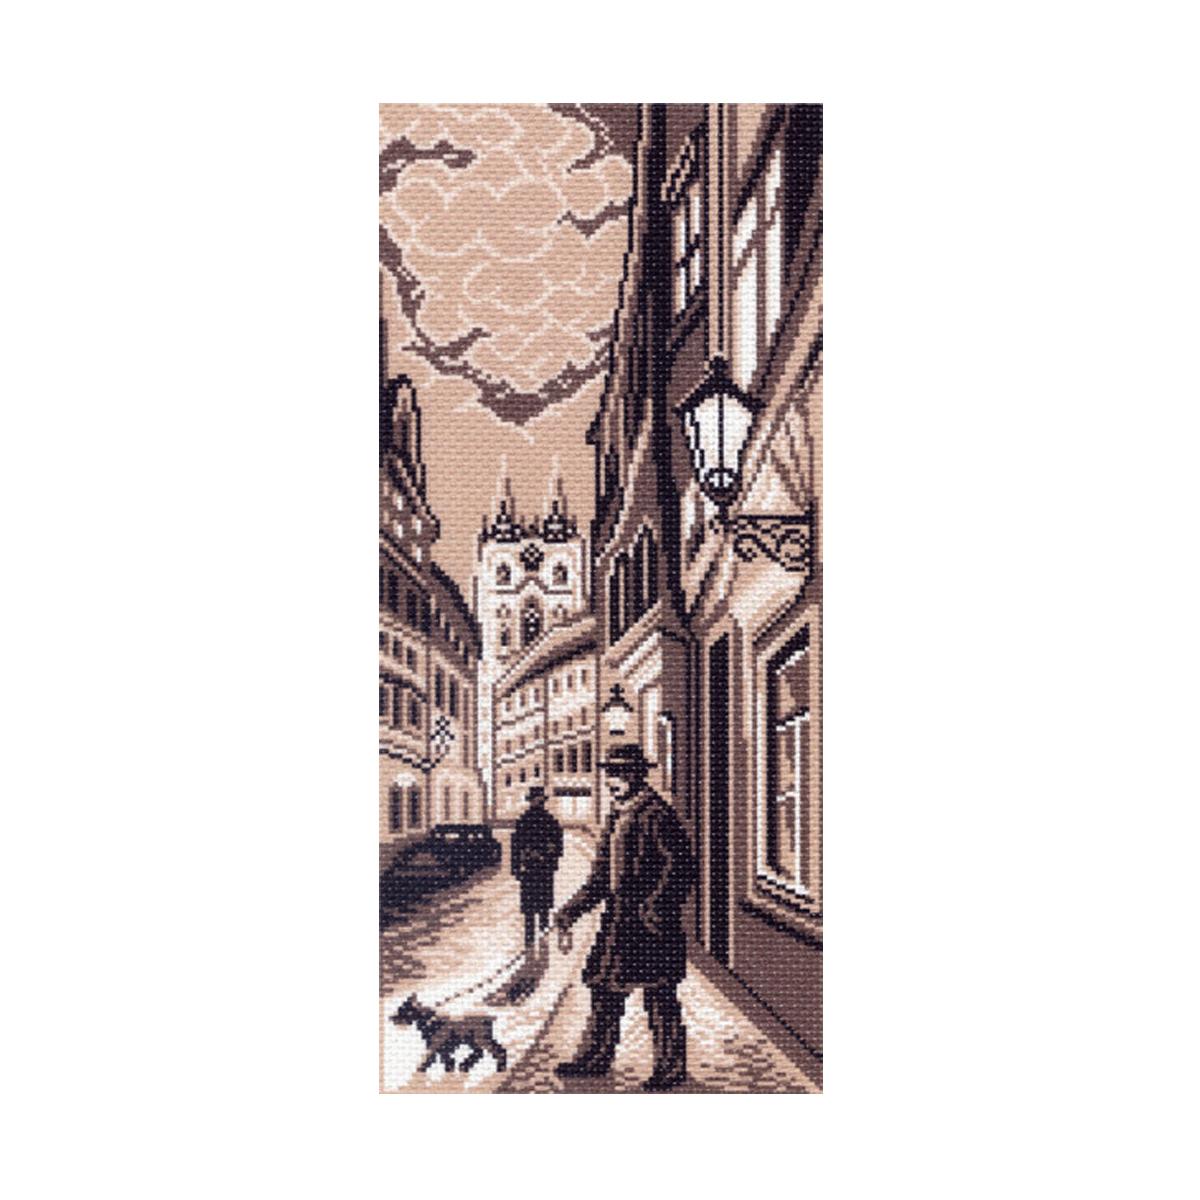 Канва с рисунком Матренин Посад Старый город, 22 см х 45 см. 1432549824Размер: 22x45 см Рисунок полностью напечатан на канве. Указана цветовая карта ниток. Вышивать рекомендуется мулине в 3 сложения.